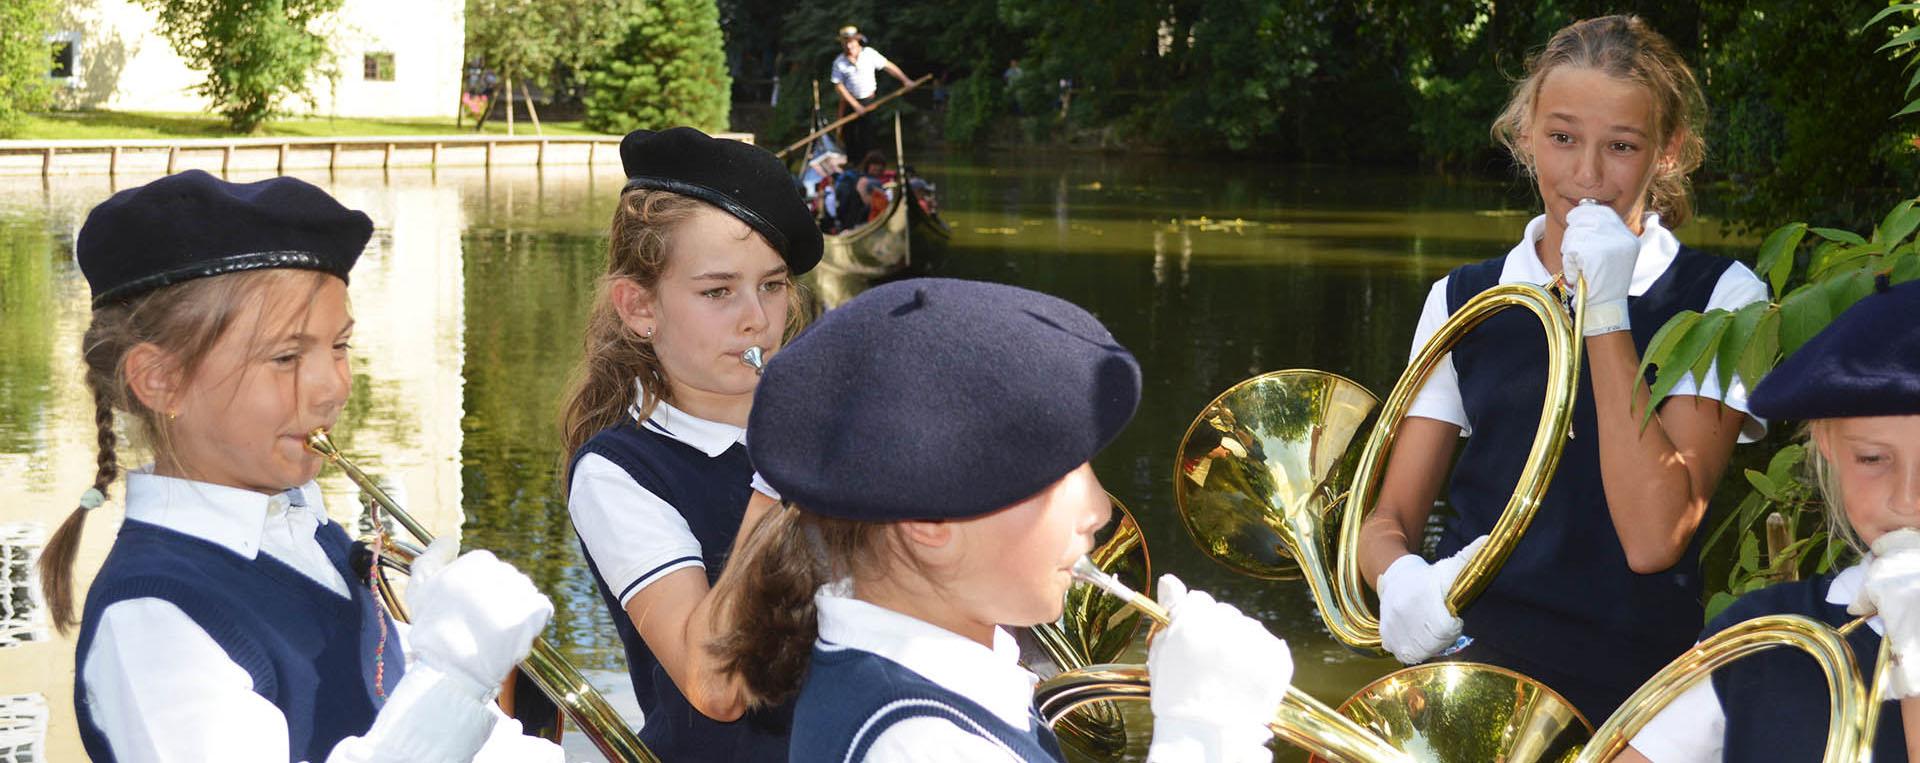 die Trompe lernen